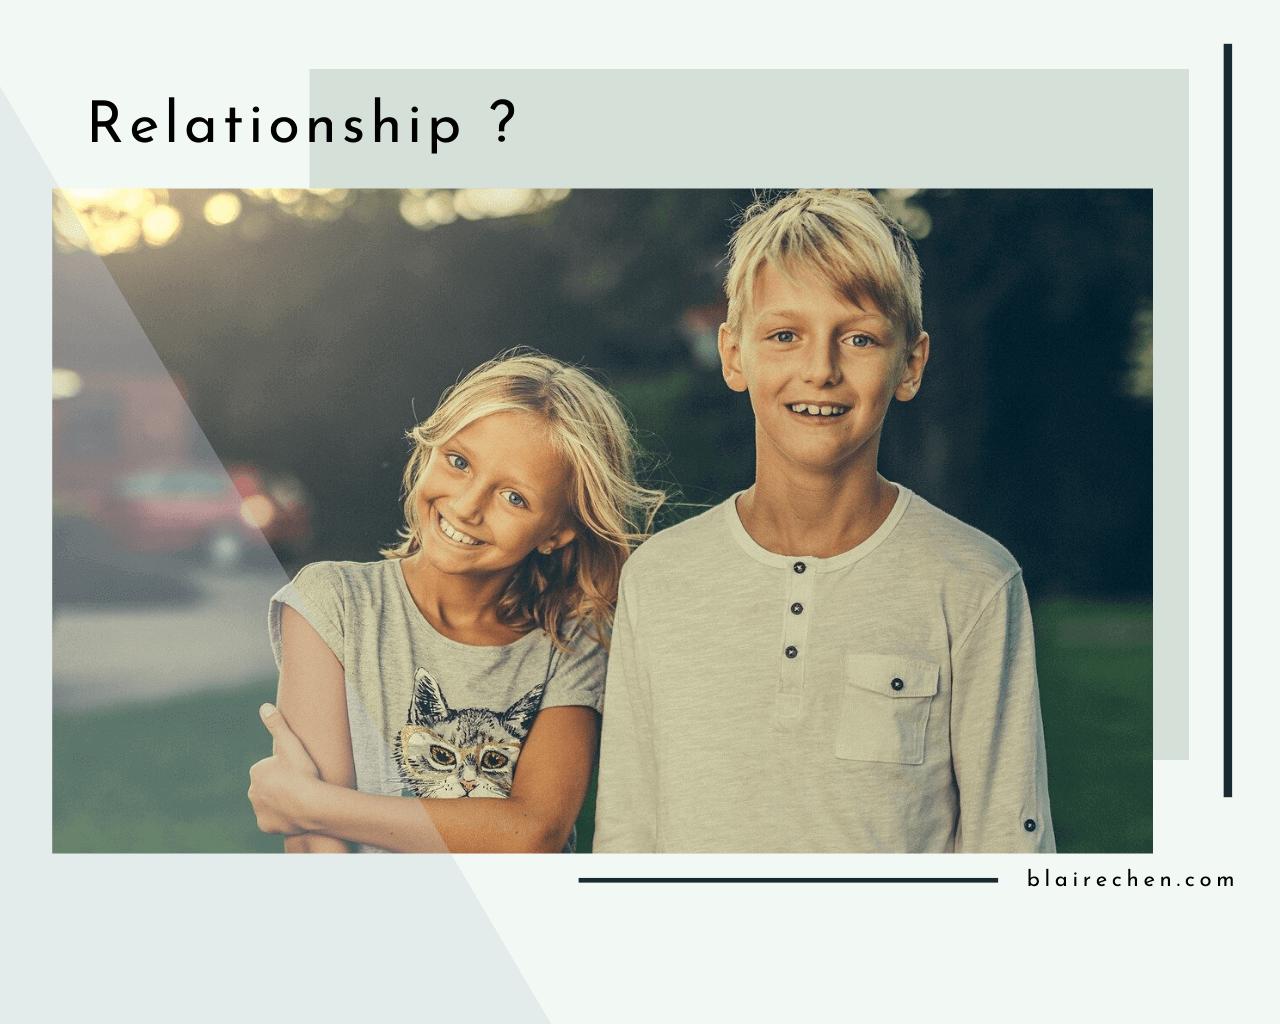 到底為什麼想談戀愛?3 個人生階段,不盡相同的愛情模樣、邊成長邊享受人生吧!